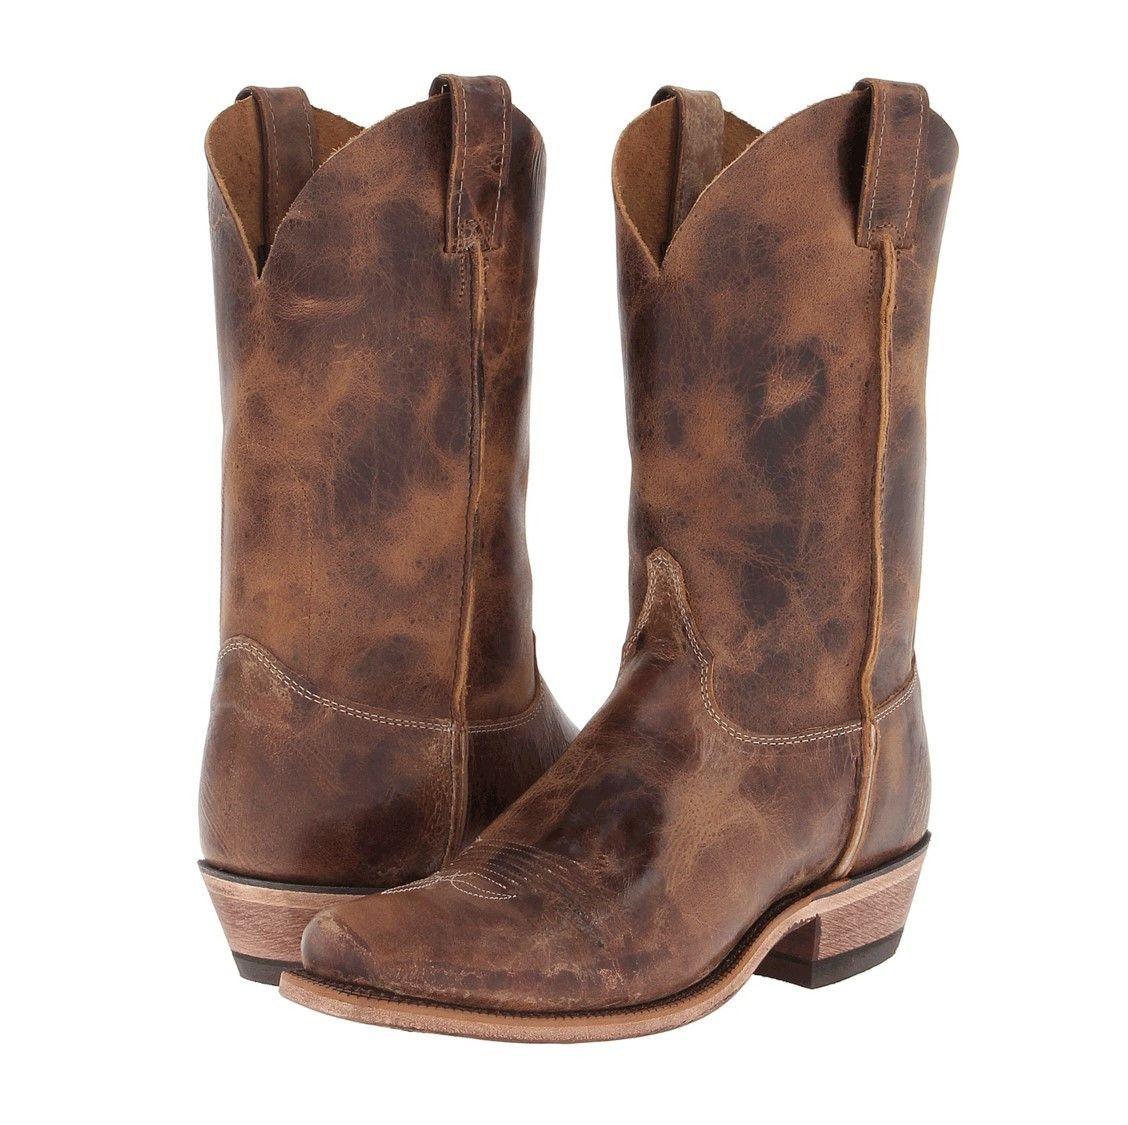 Botas de avestruz color gris ropa bolsas y calzado en mercadolibre - Calzado